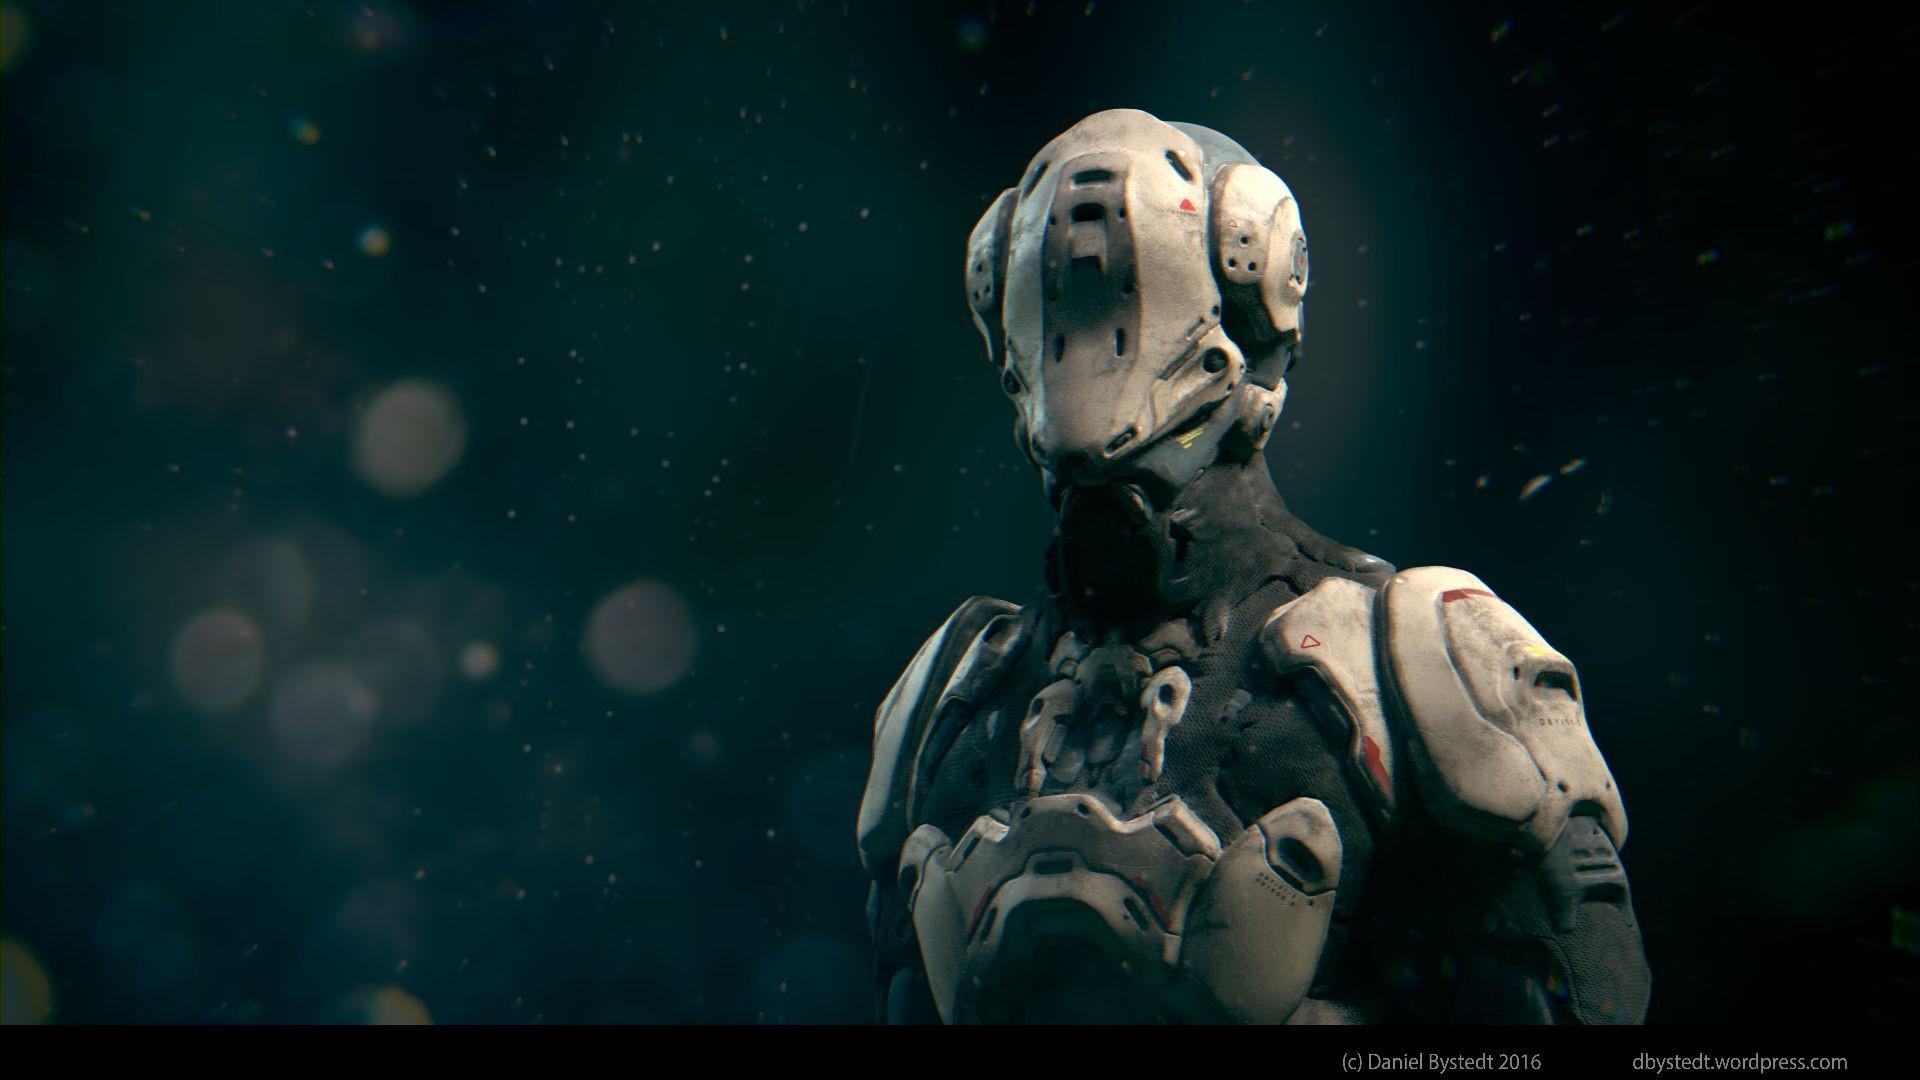 Daniel bystedt robot composite0004